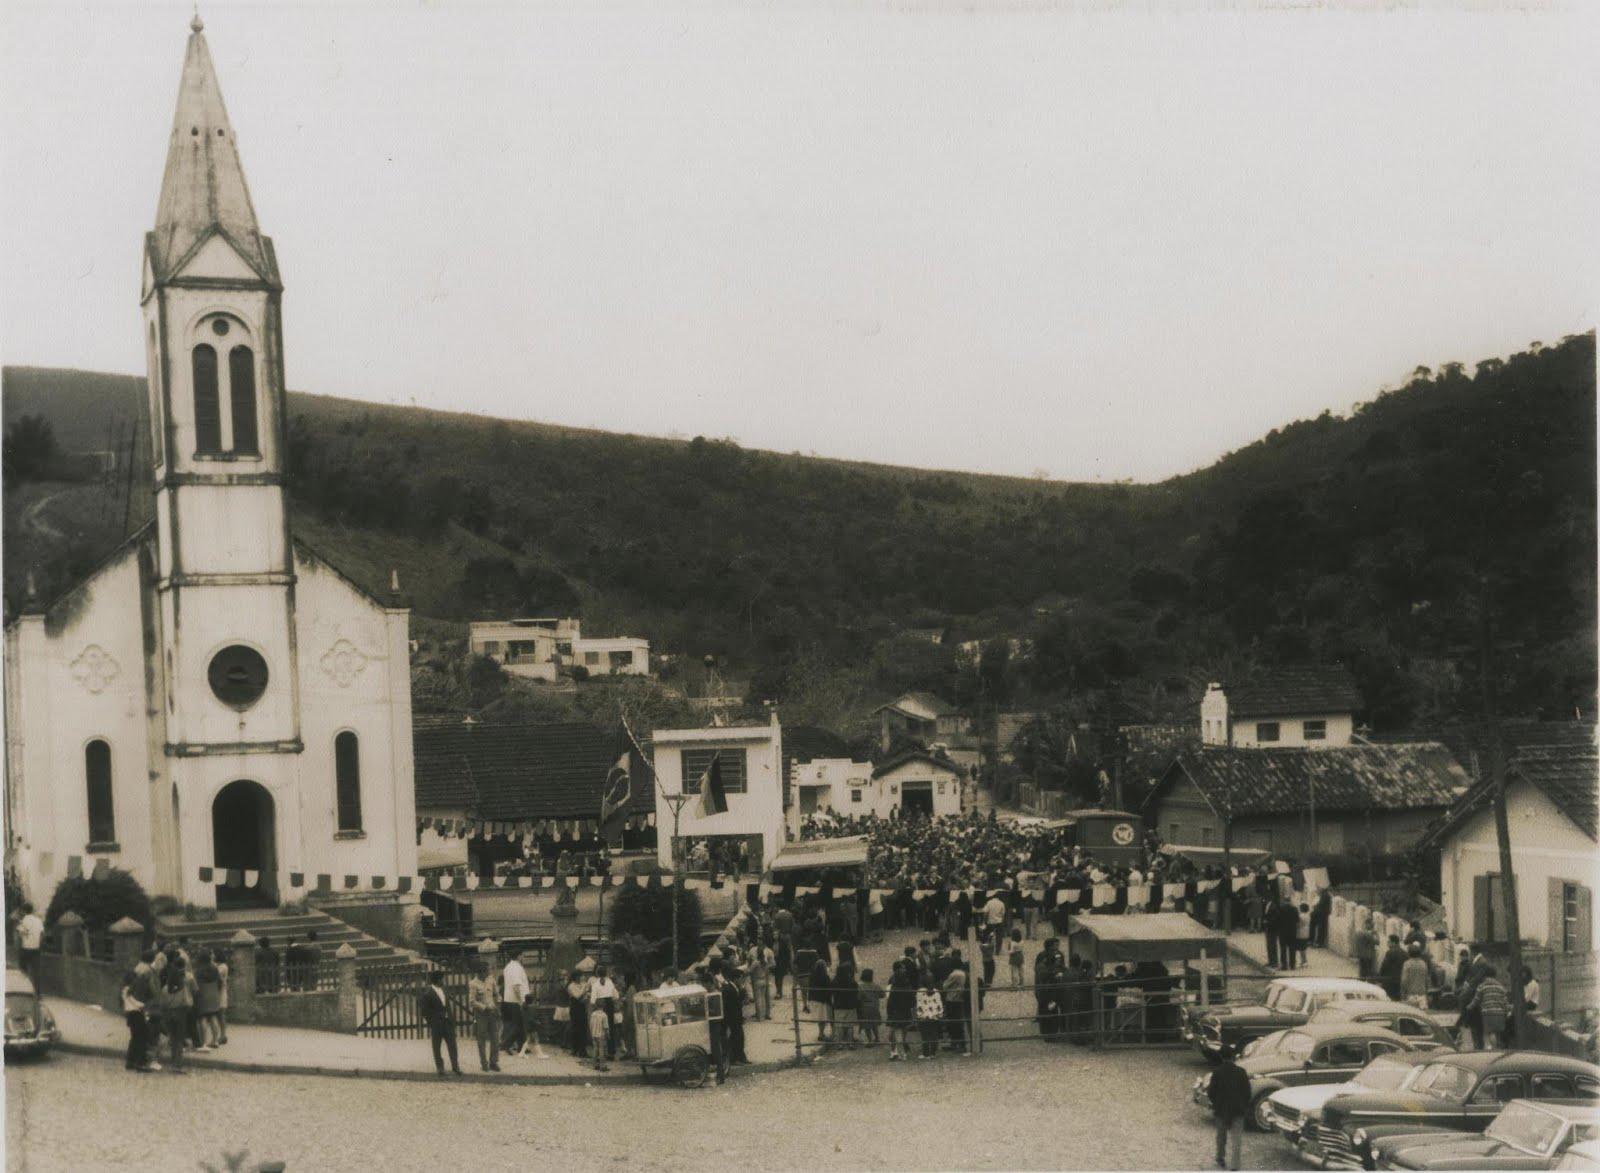 foto antiga da Igreja de São vicente de Paulo